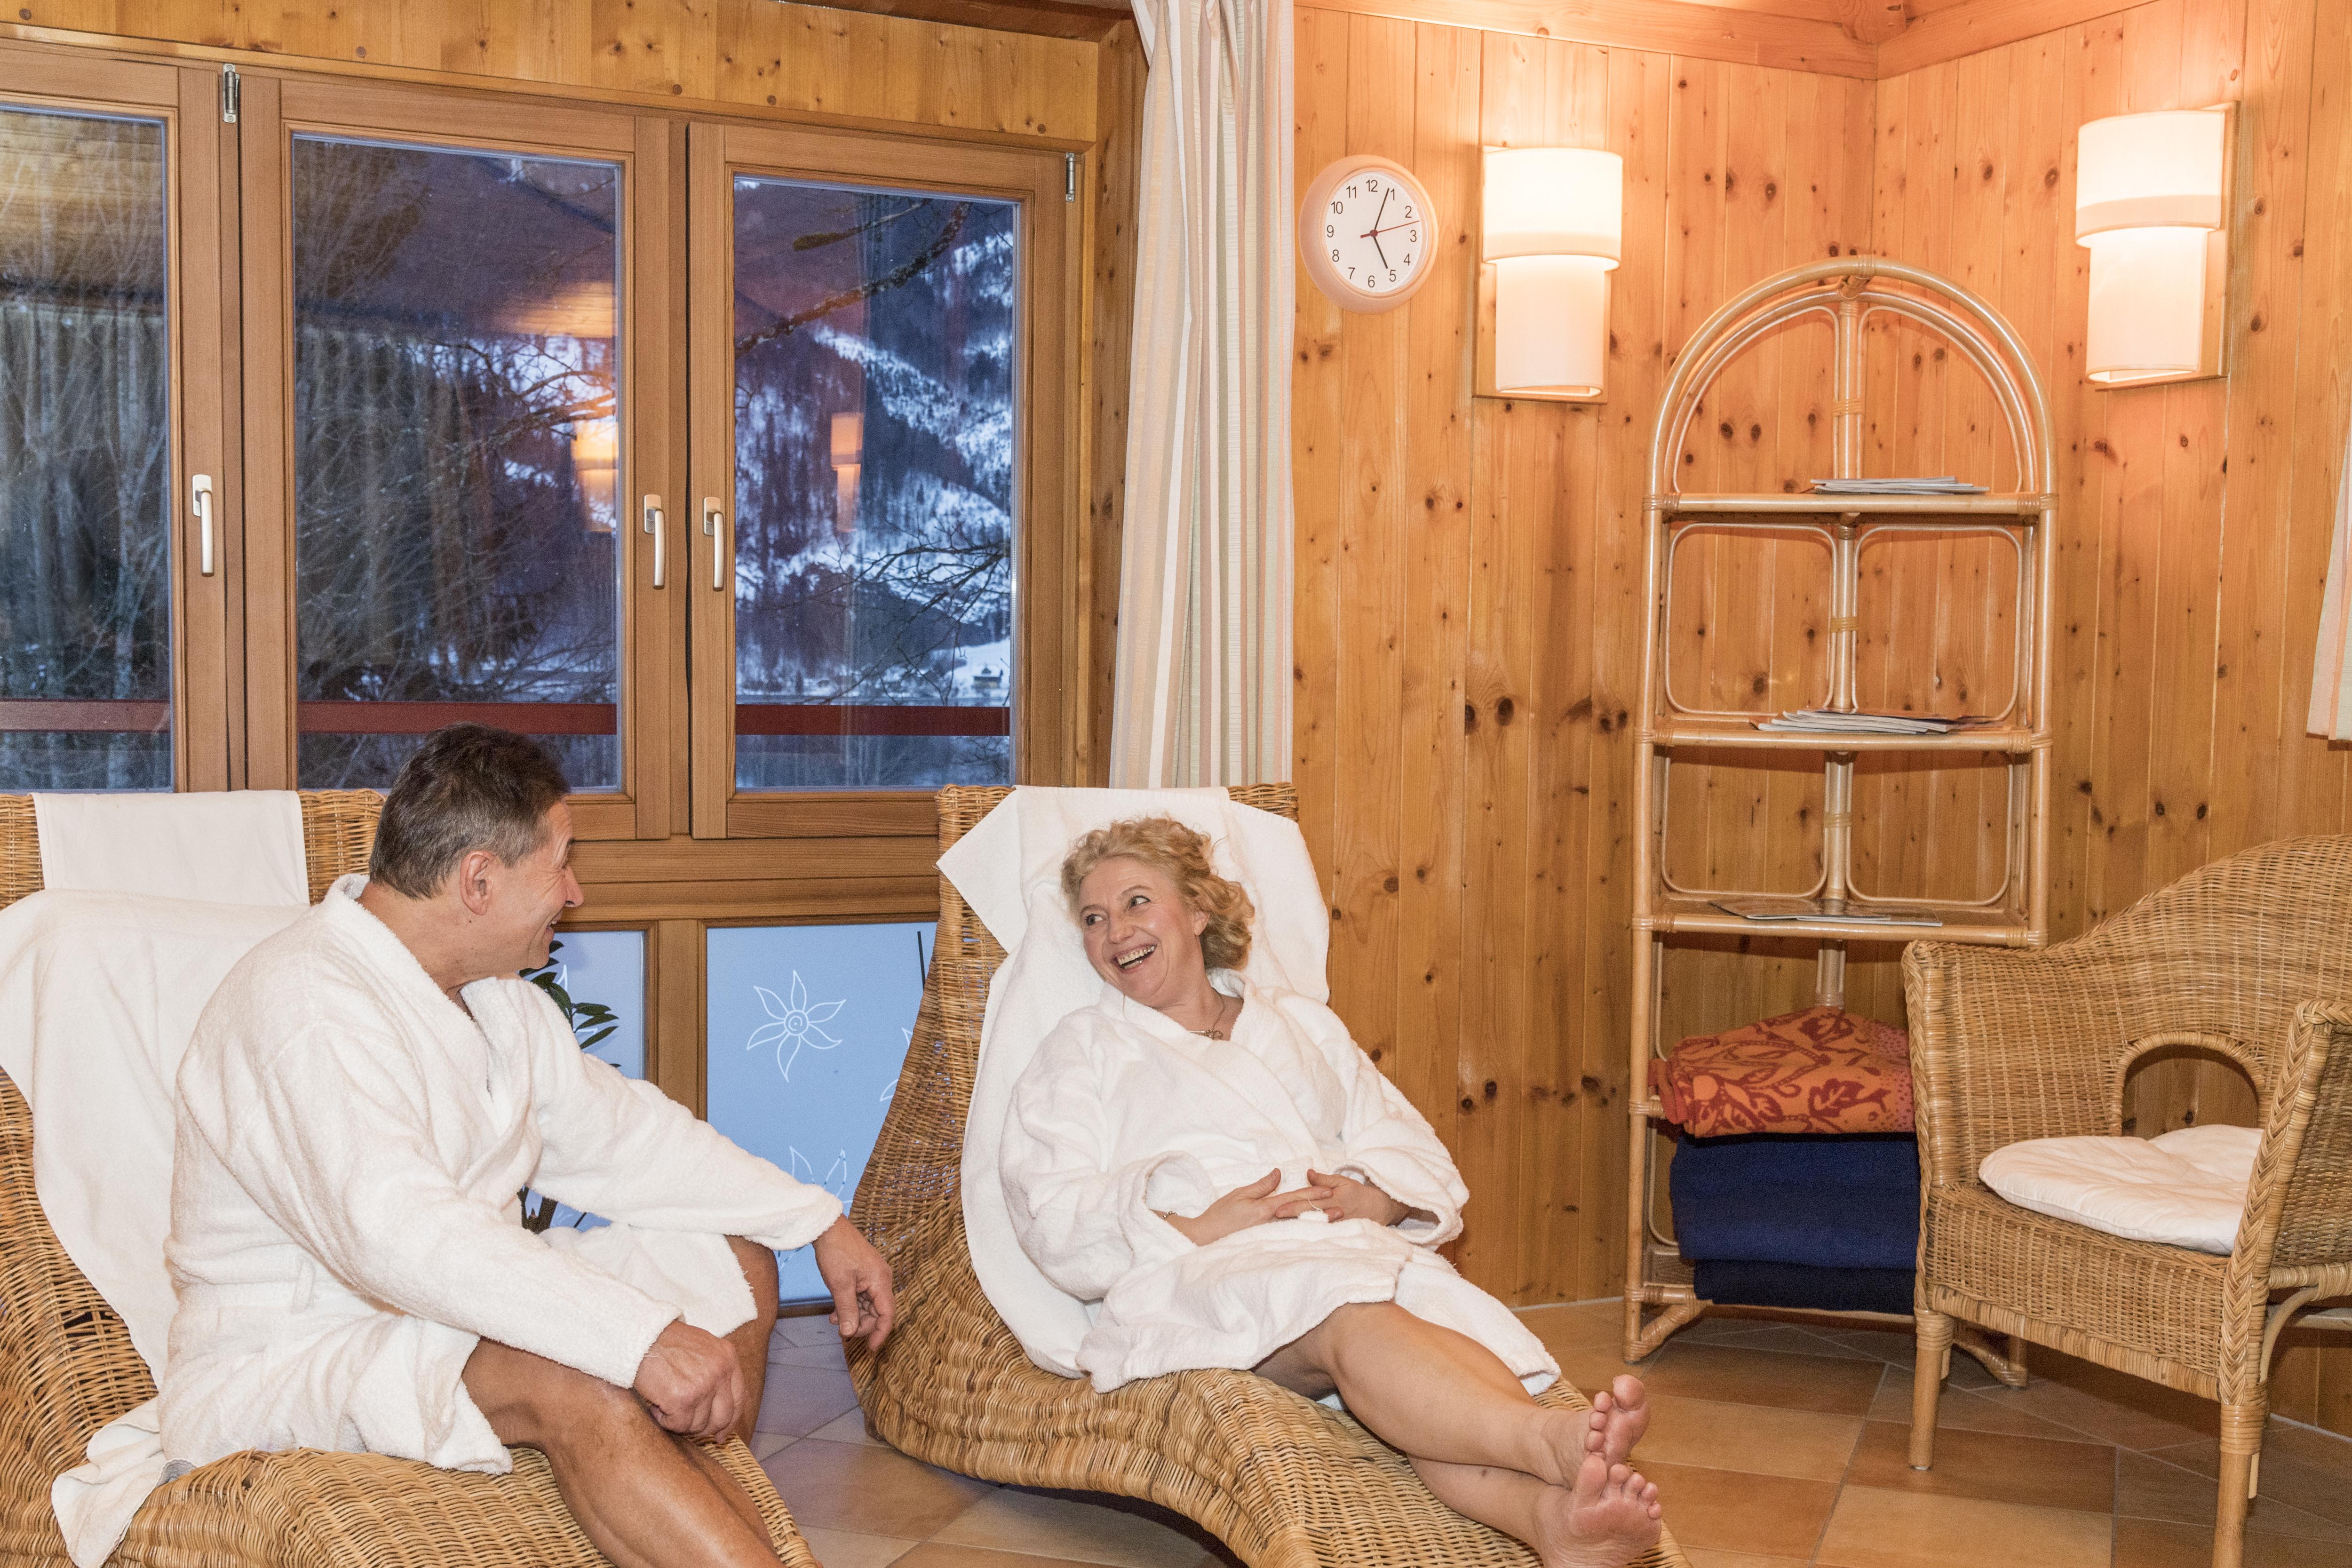 Sie sehen das Sauna-Häuschen im JUFA Hotel Grundlsee*** mit Paar im Winter. JUFA Hotels bietet erholsamen Familienurlaub und einen unvergesslichen Winterurlaub.